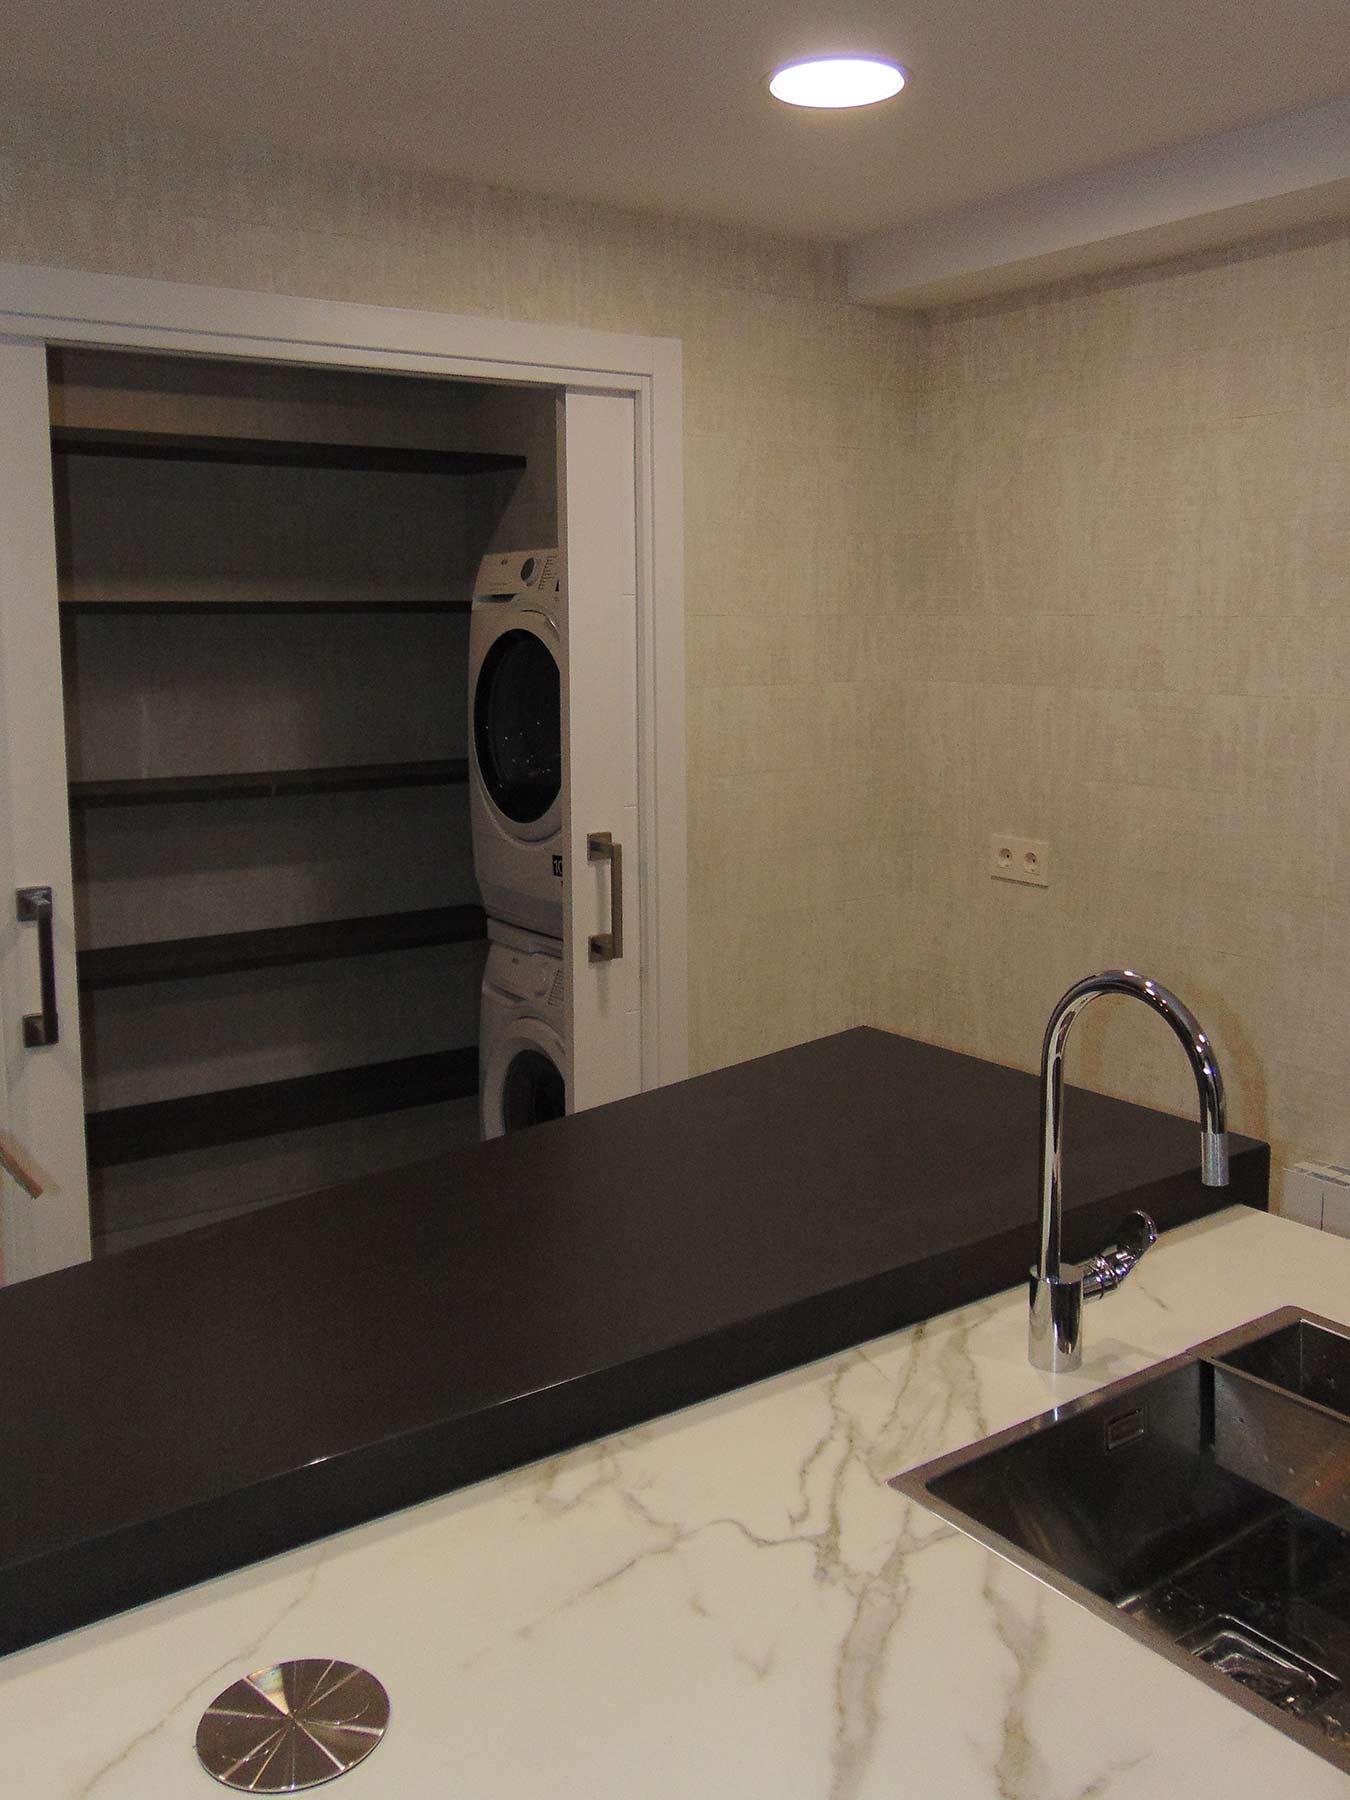 Cocina con zona de lavandería que incluye baldas, lavadora y secadora